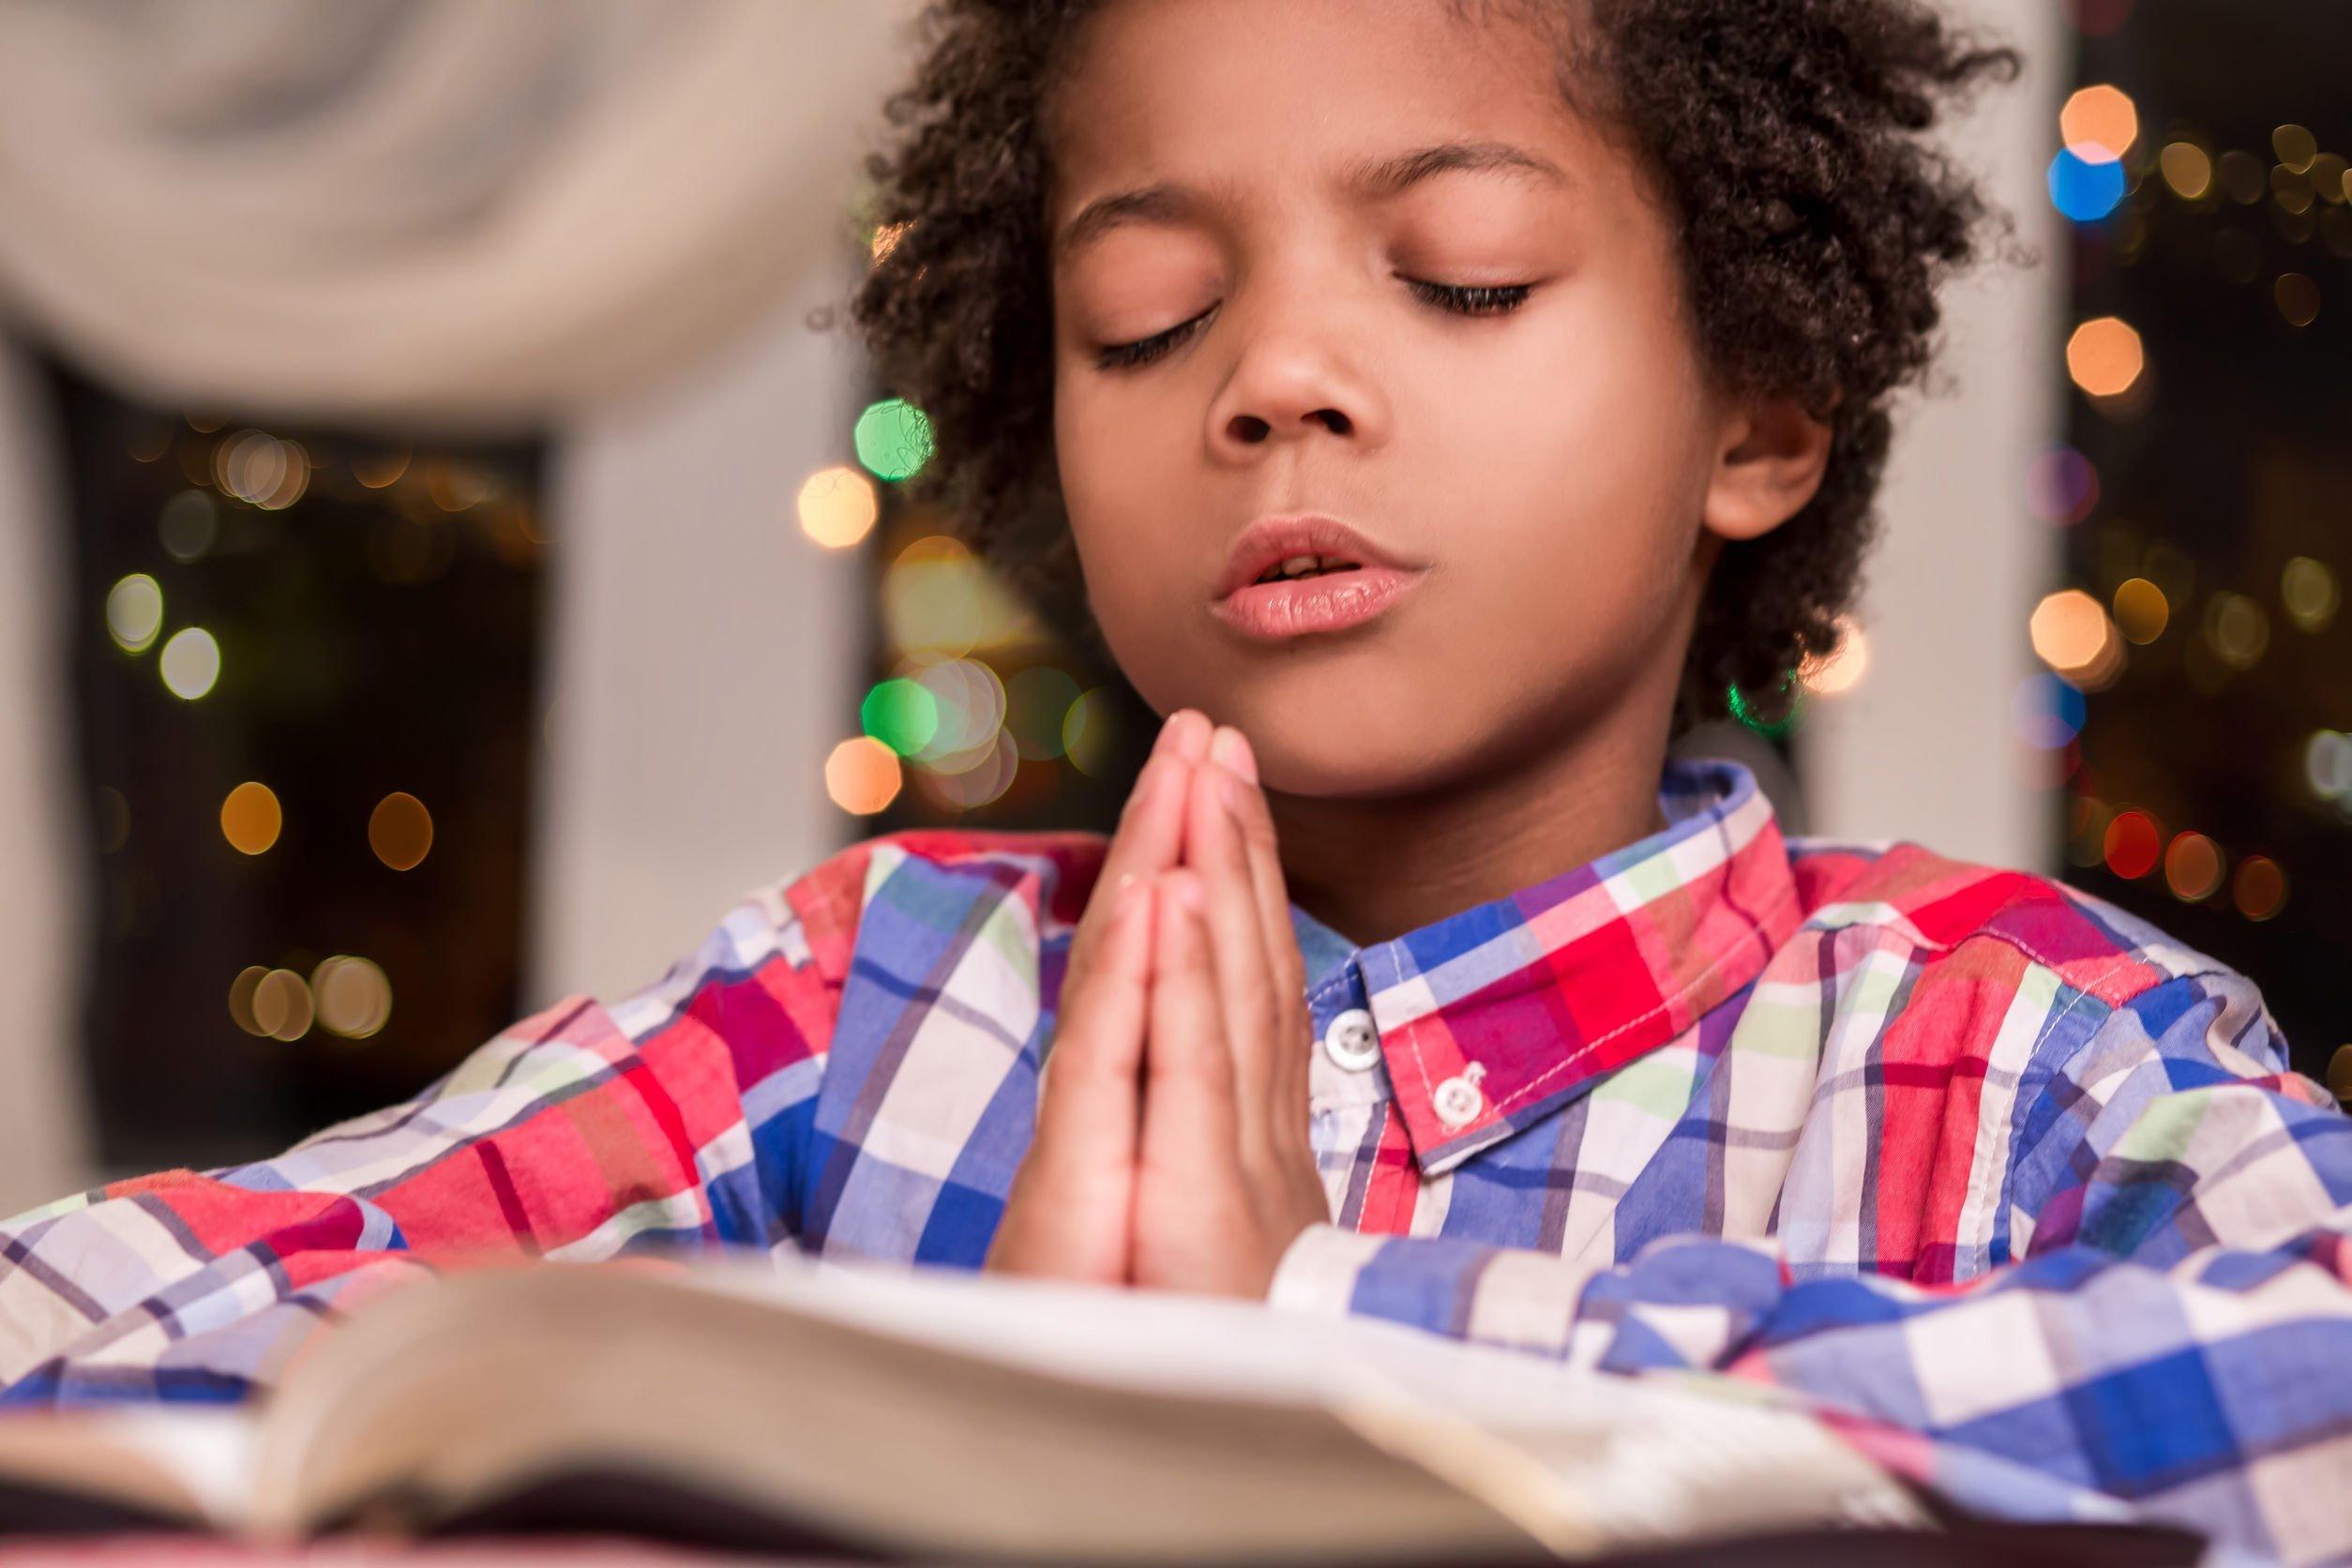 Querido Deus Em Tuas Mãos Coloco Minhas Preocupações: Mensagens Evangélicas Edificantes. Abençoando O Seu Dia